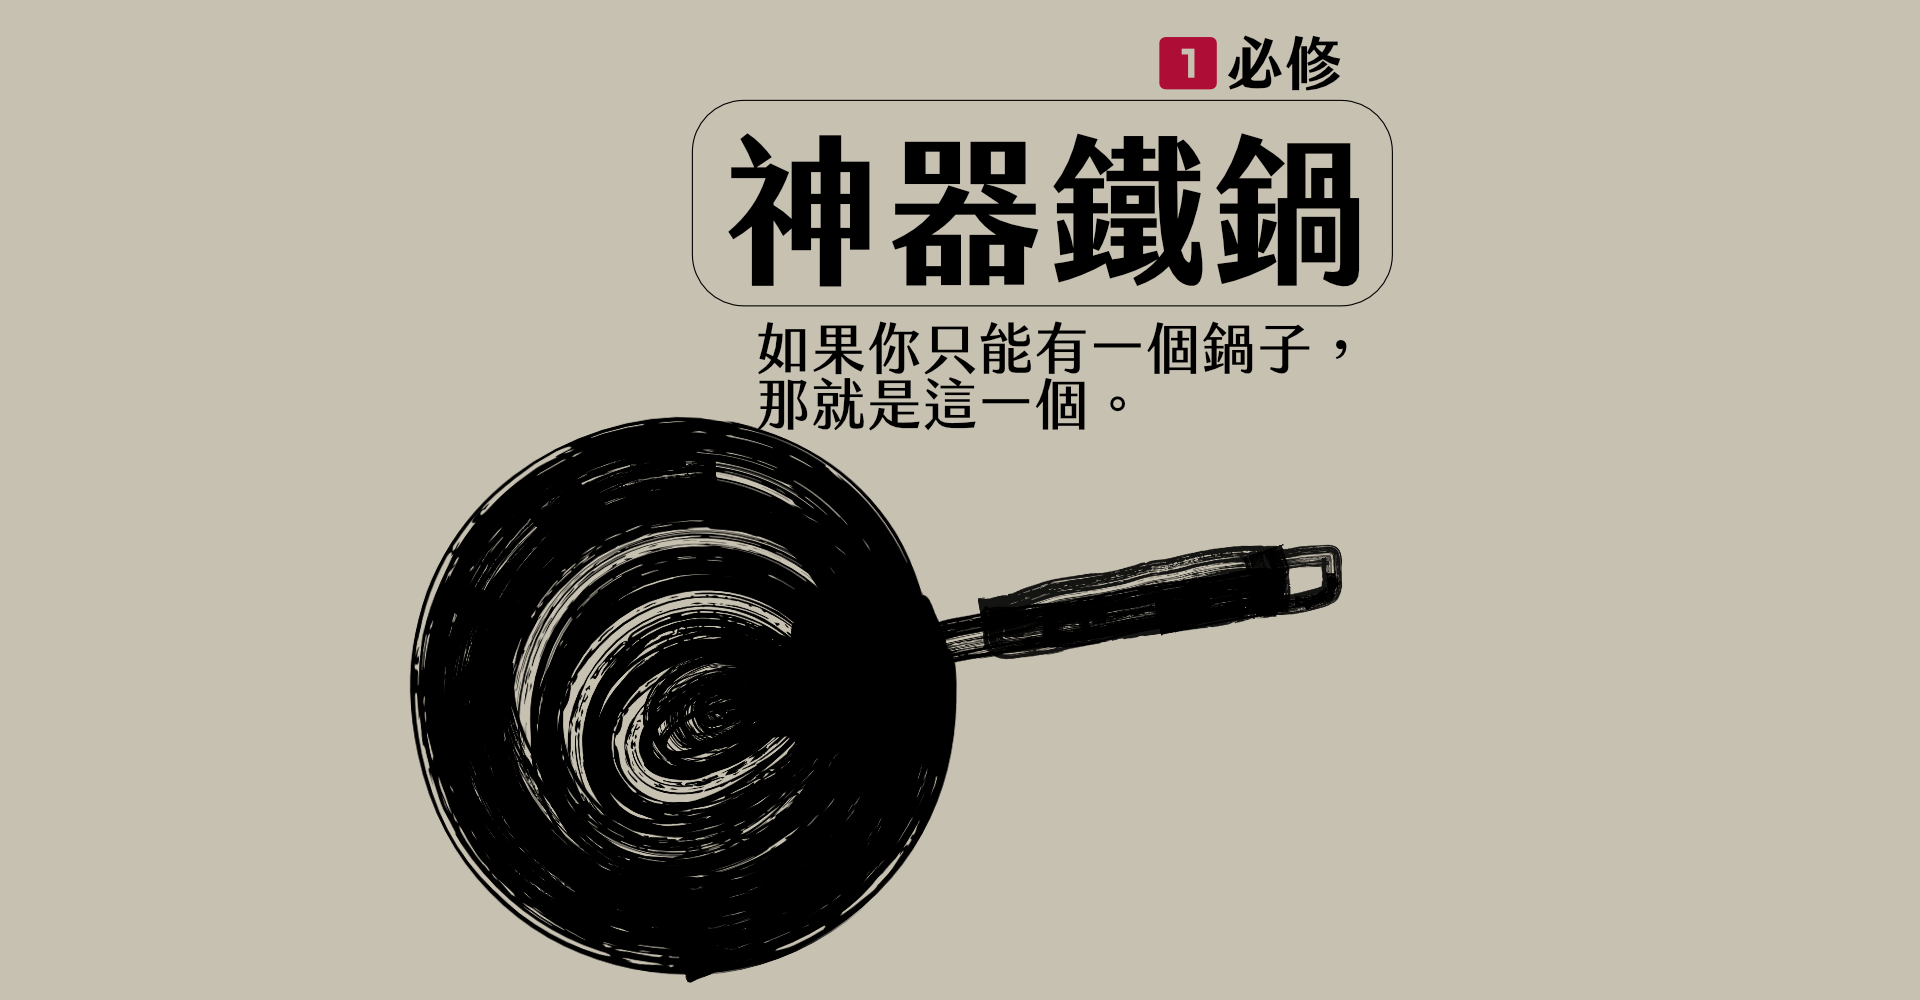 神器鐵鍋使用教學 - 新手必修